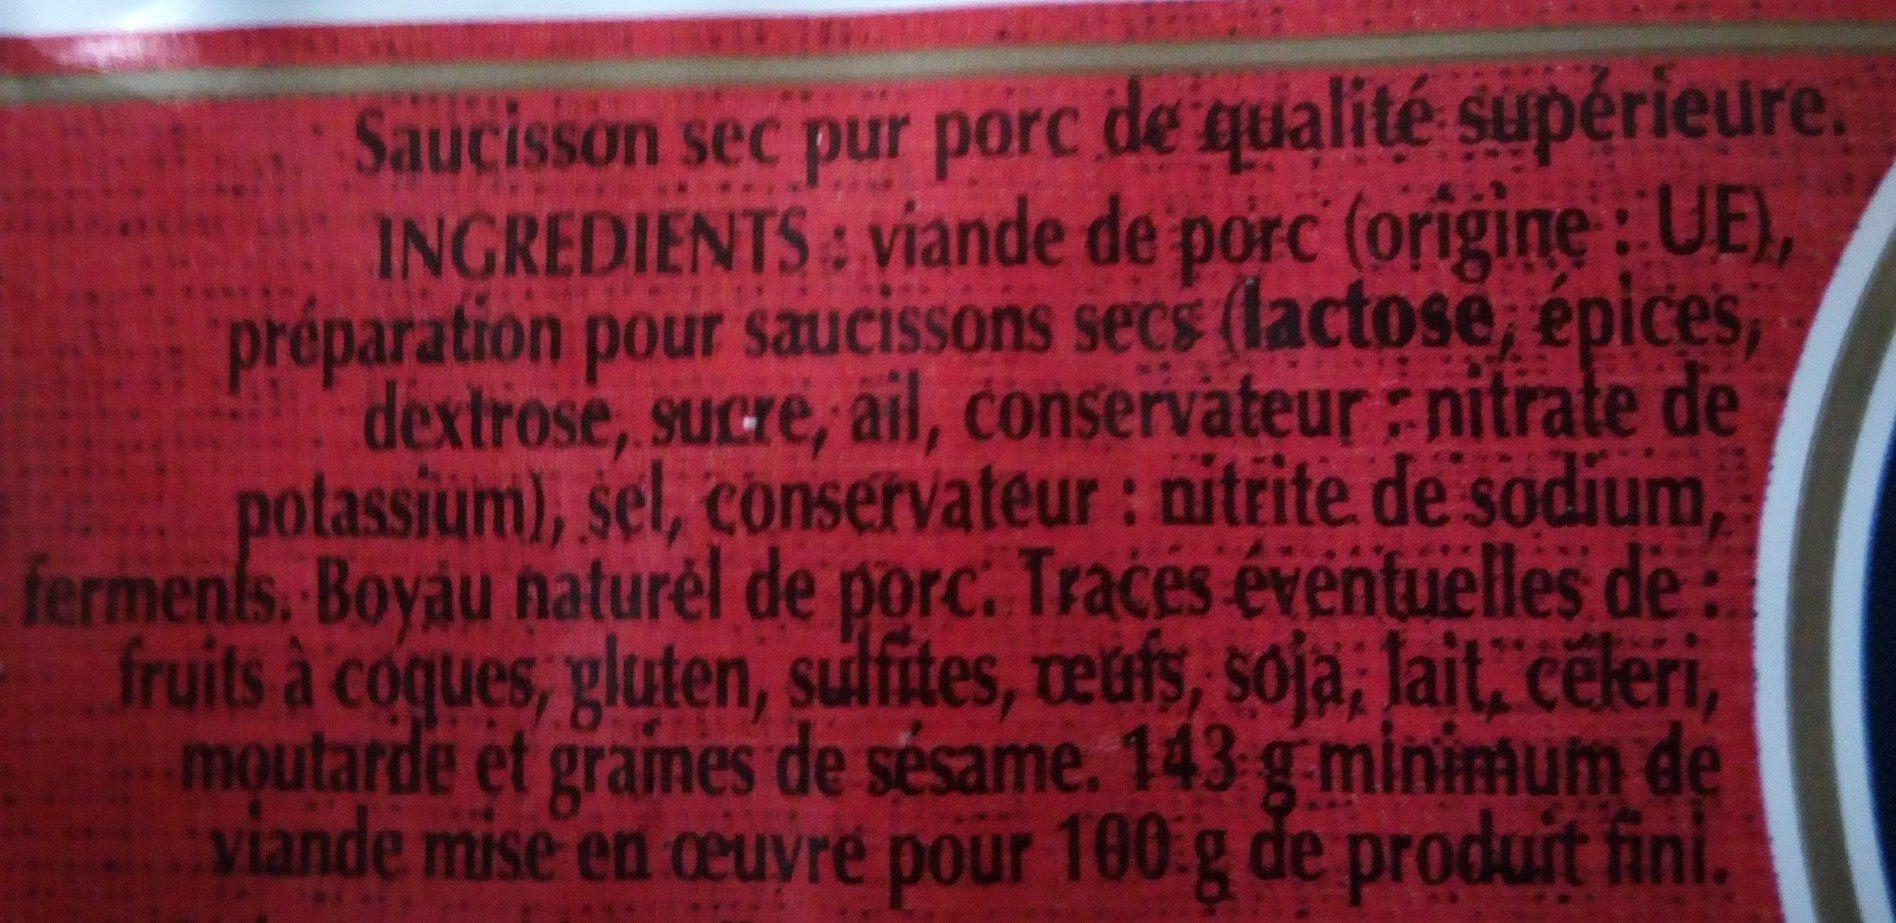 Le Dodu saucisson sec pur porc de qualité supérieure - Ingrédients - fr